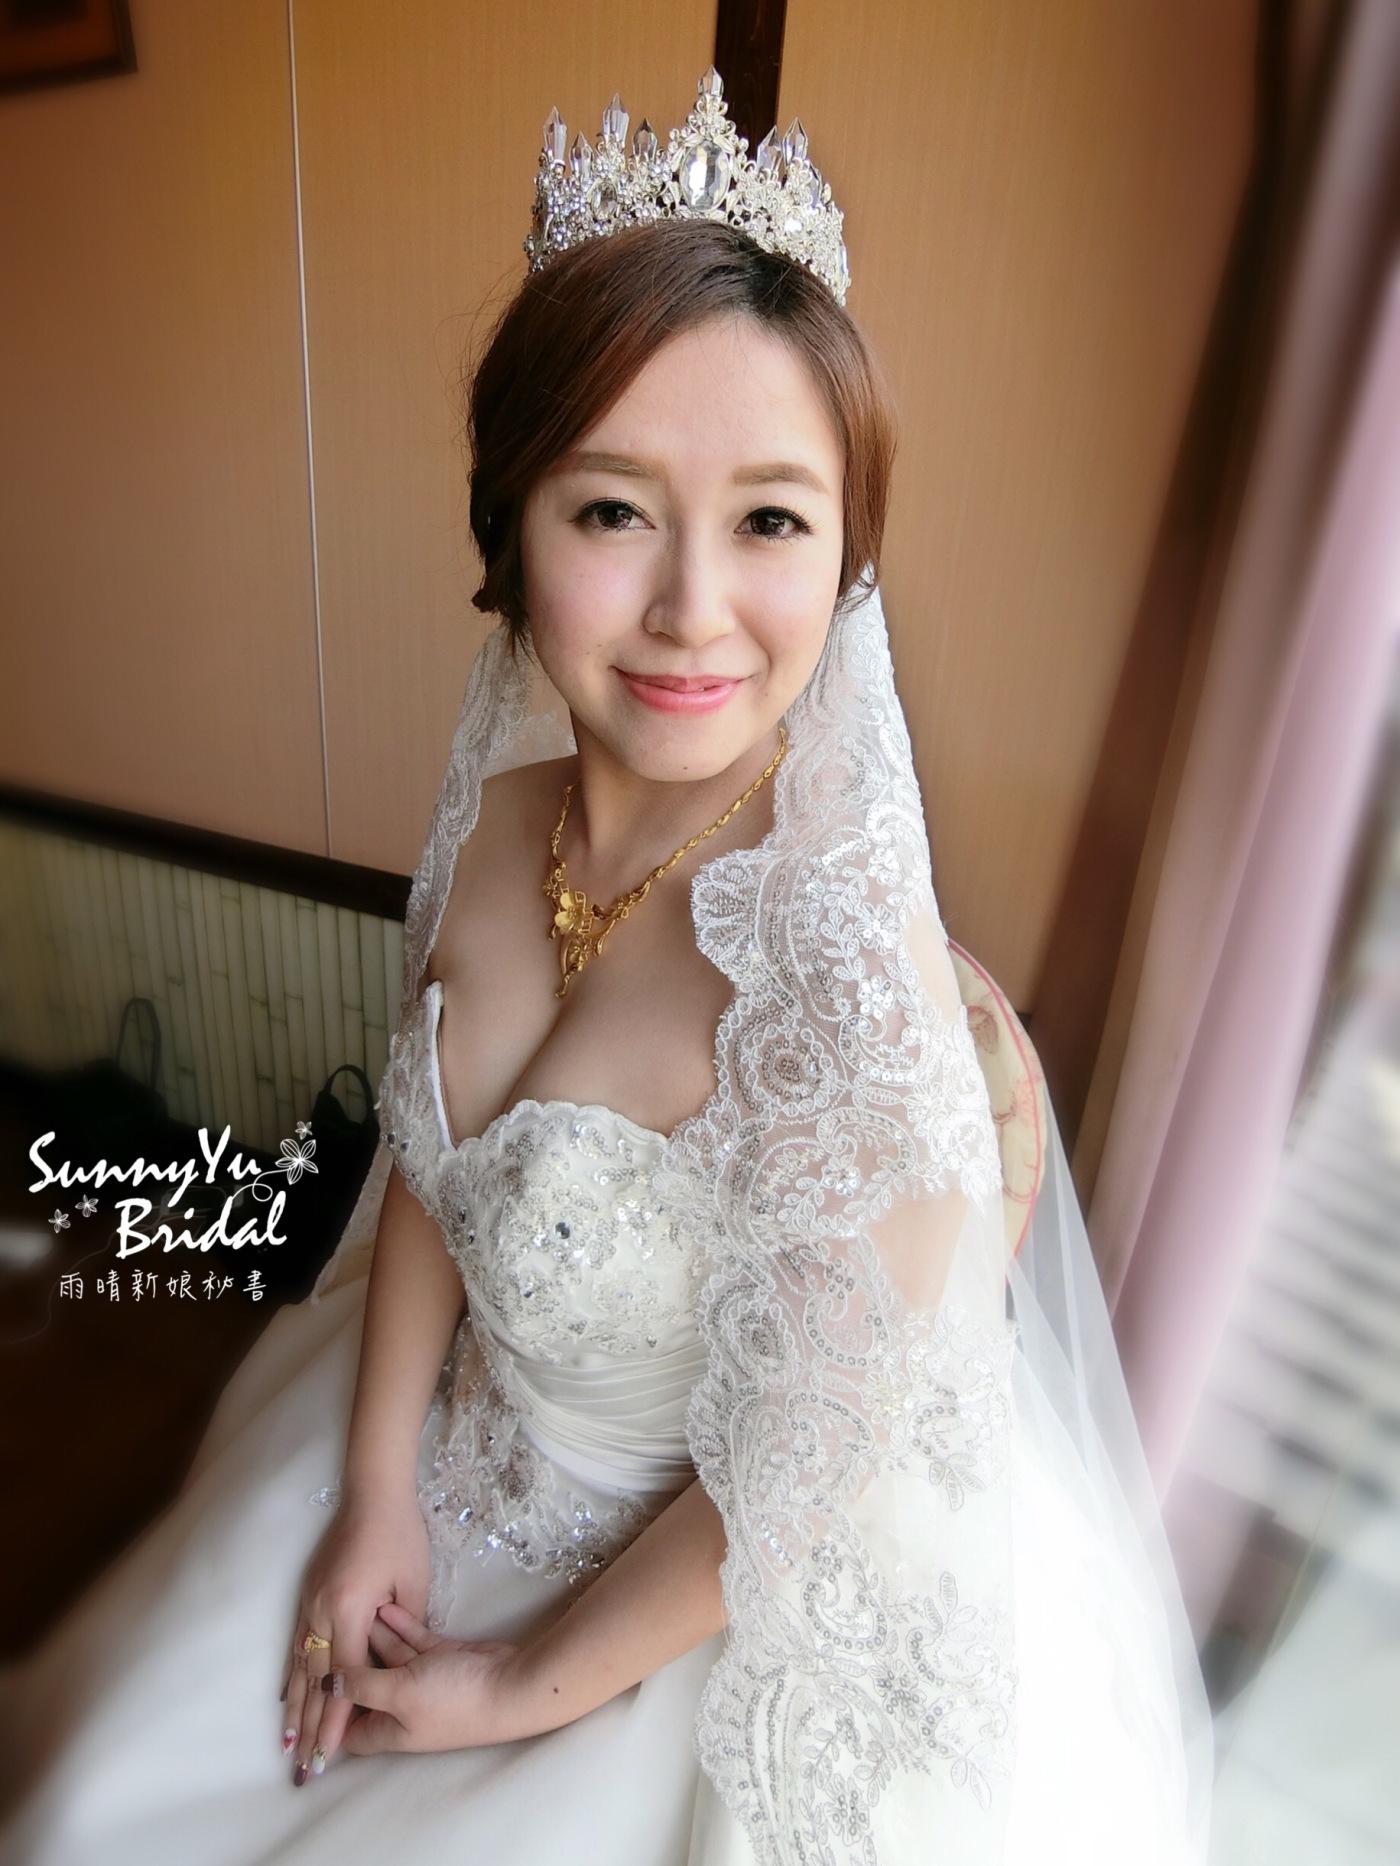 新娘白紗造型|新娘秘書雨晴|嘉義新娘秘書|長頭紗造型|皇冠造型